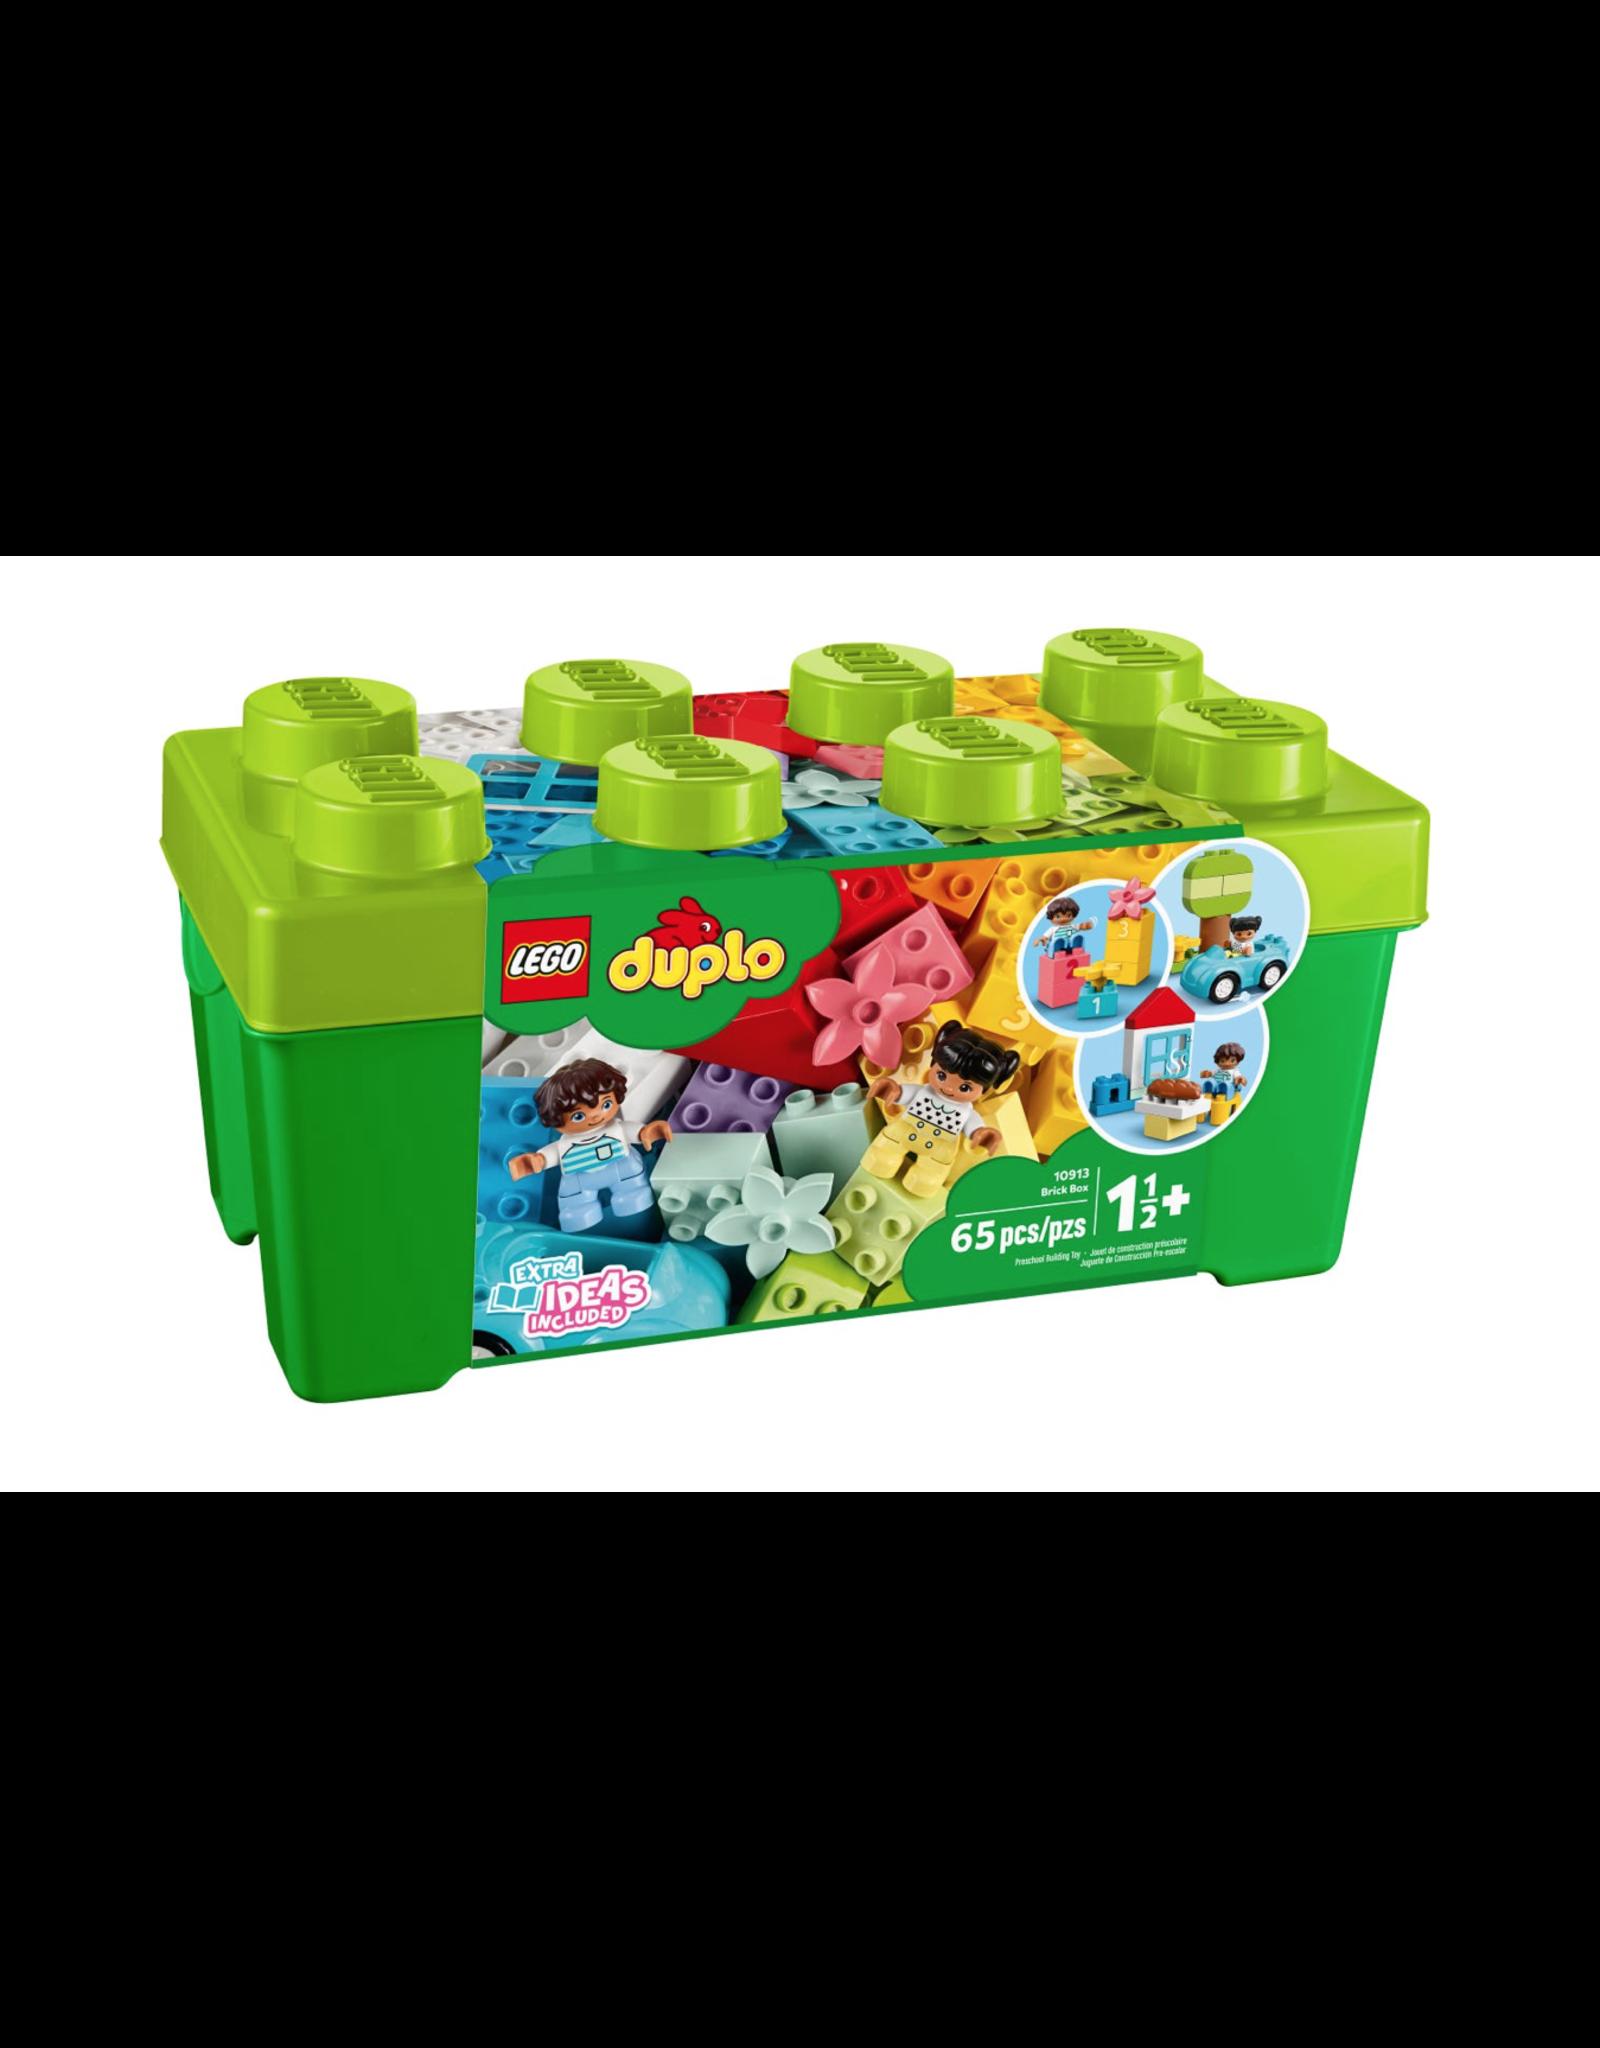 LEGO LEGO Duplo, Brick Box